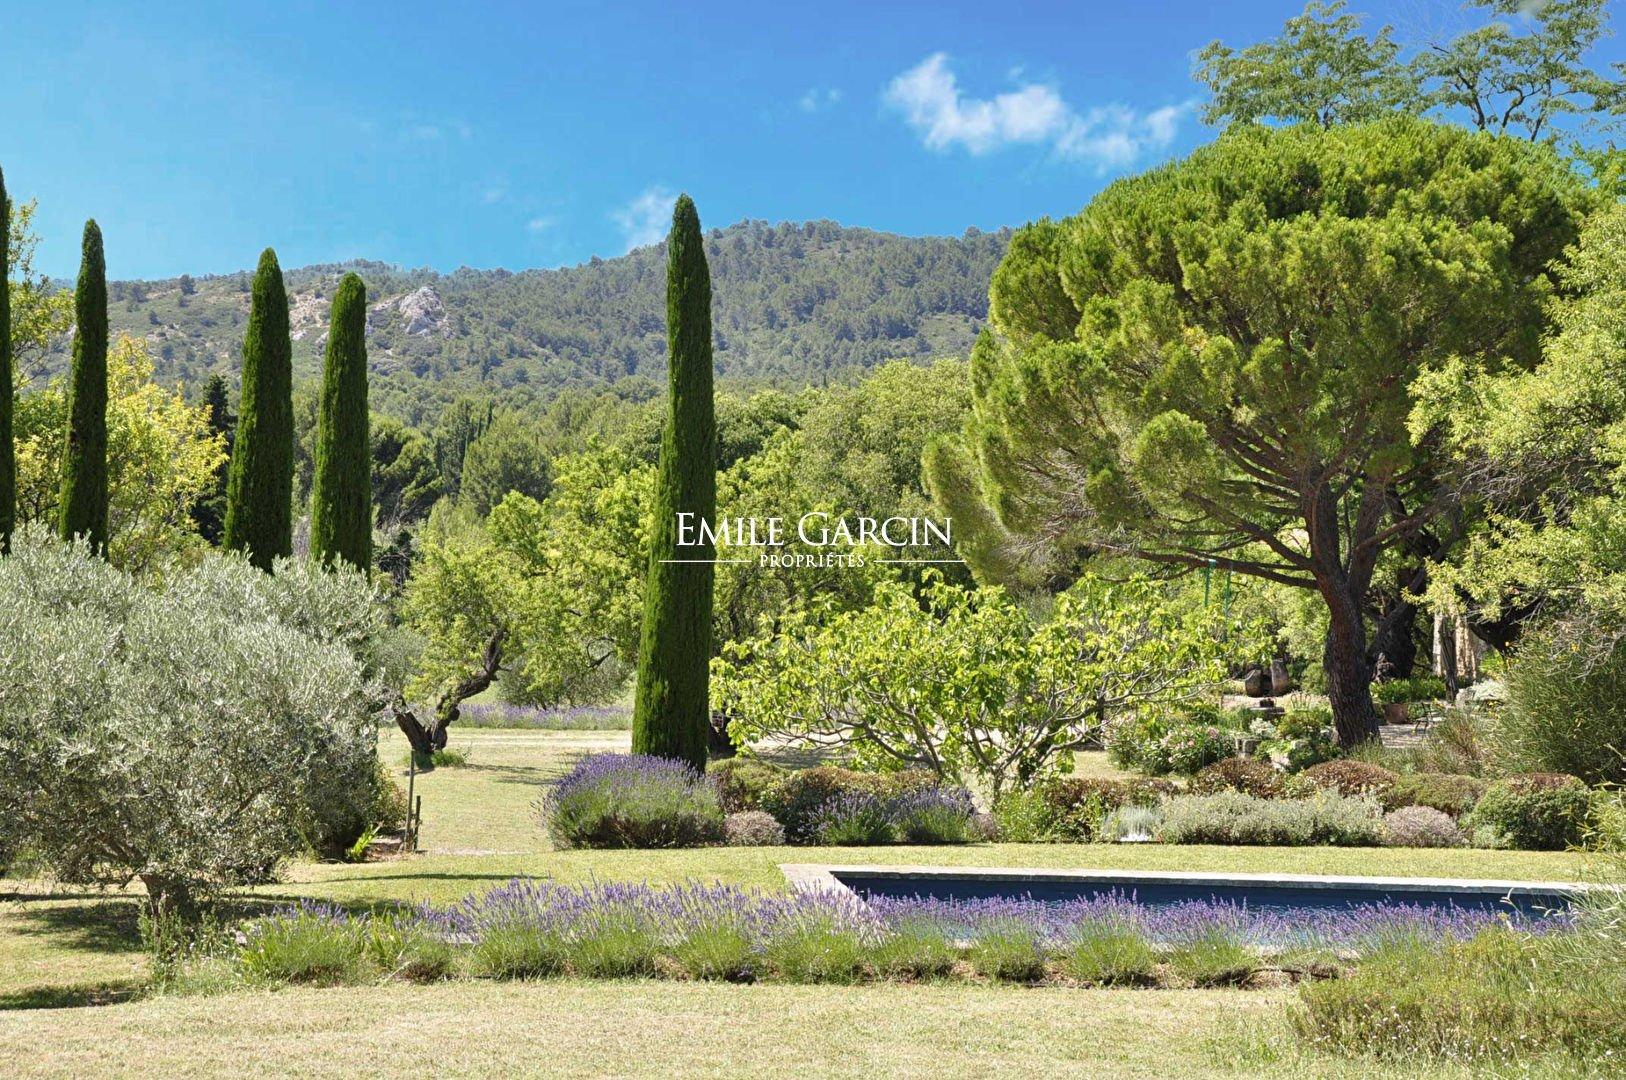 Estate in Les Baux-de-Provence, Provence-Alpes-Côte d'Azur, France 1